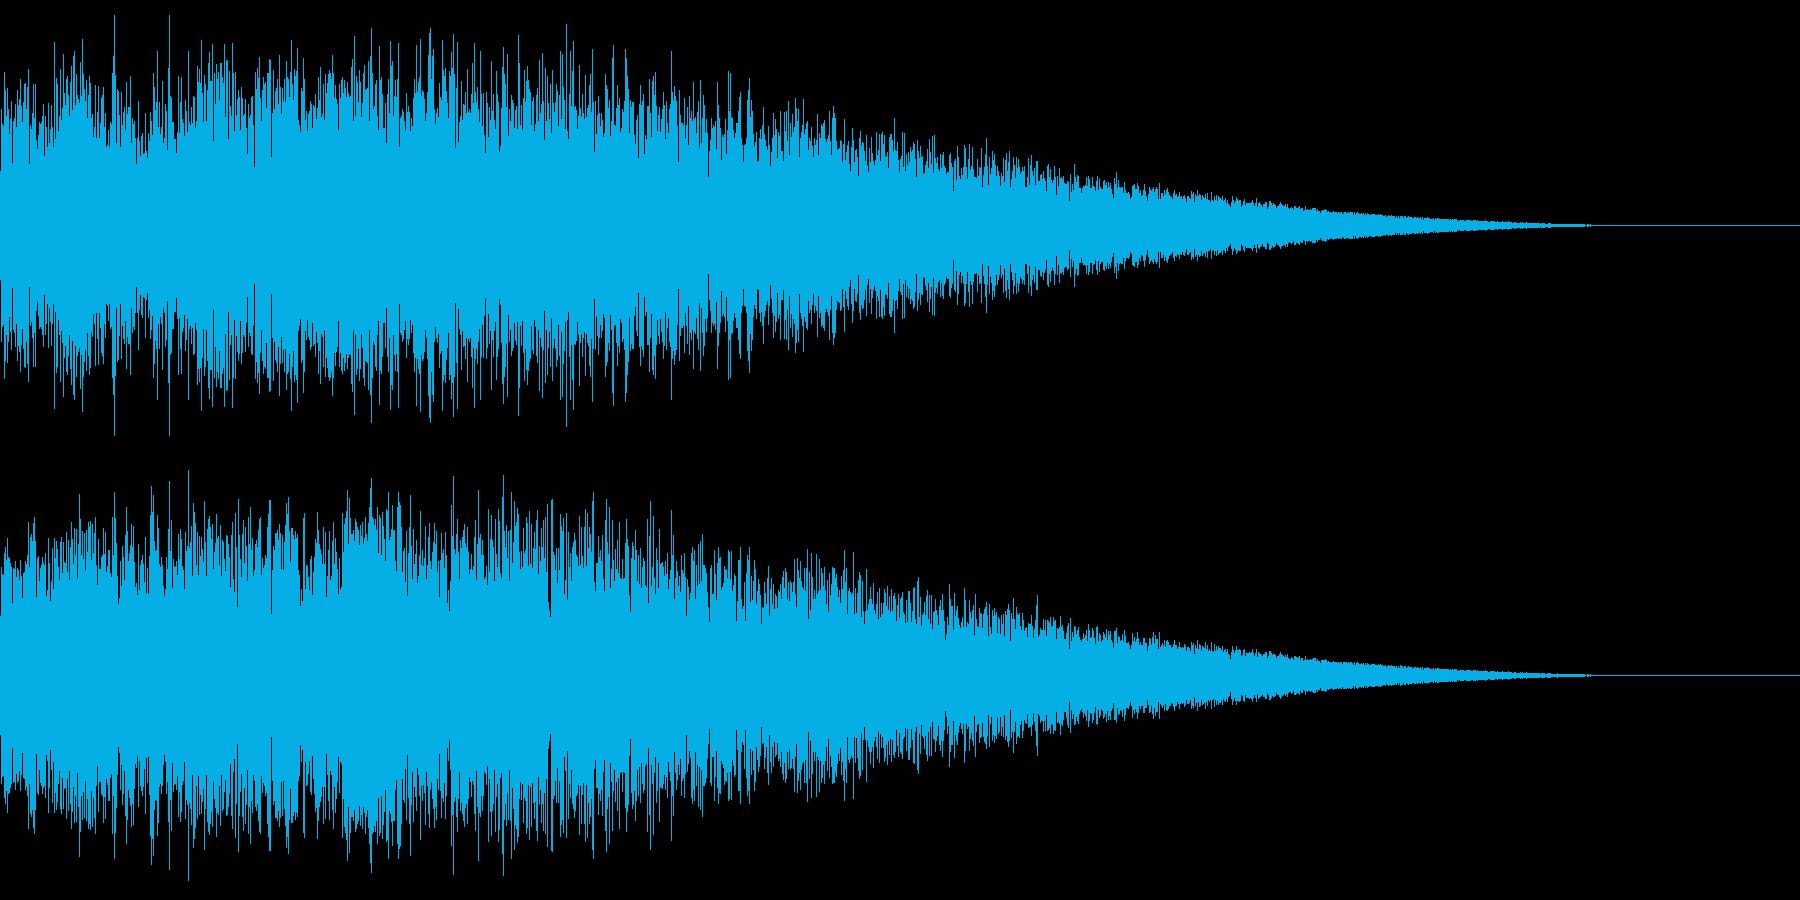 超必殺技発動(シュピイイン)の再生済みの波形